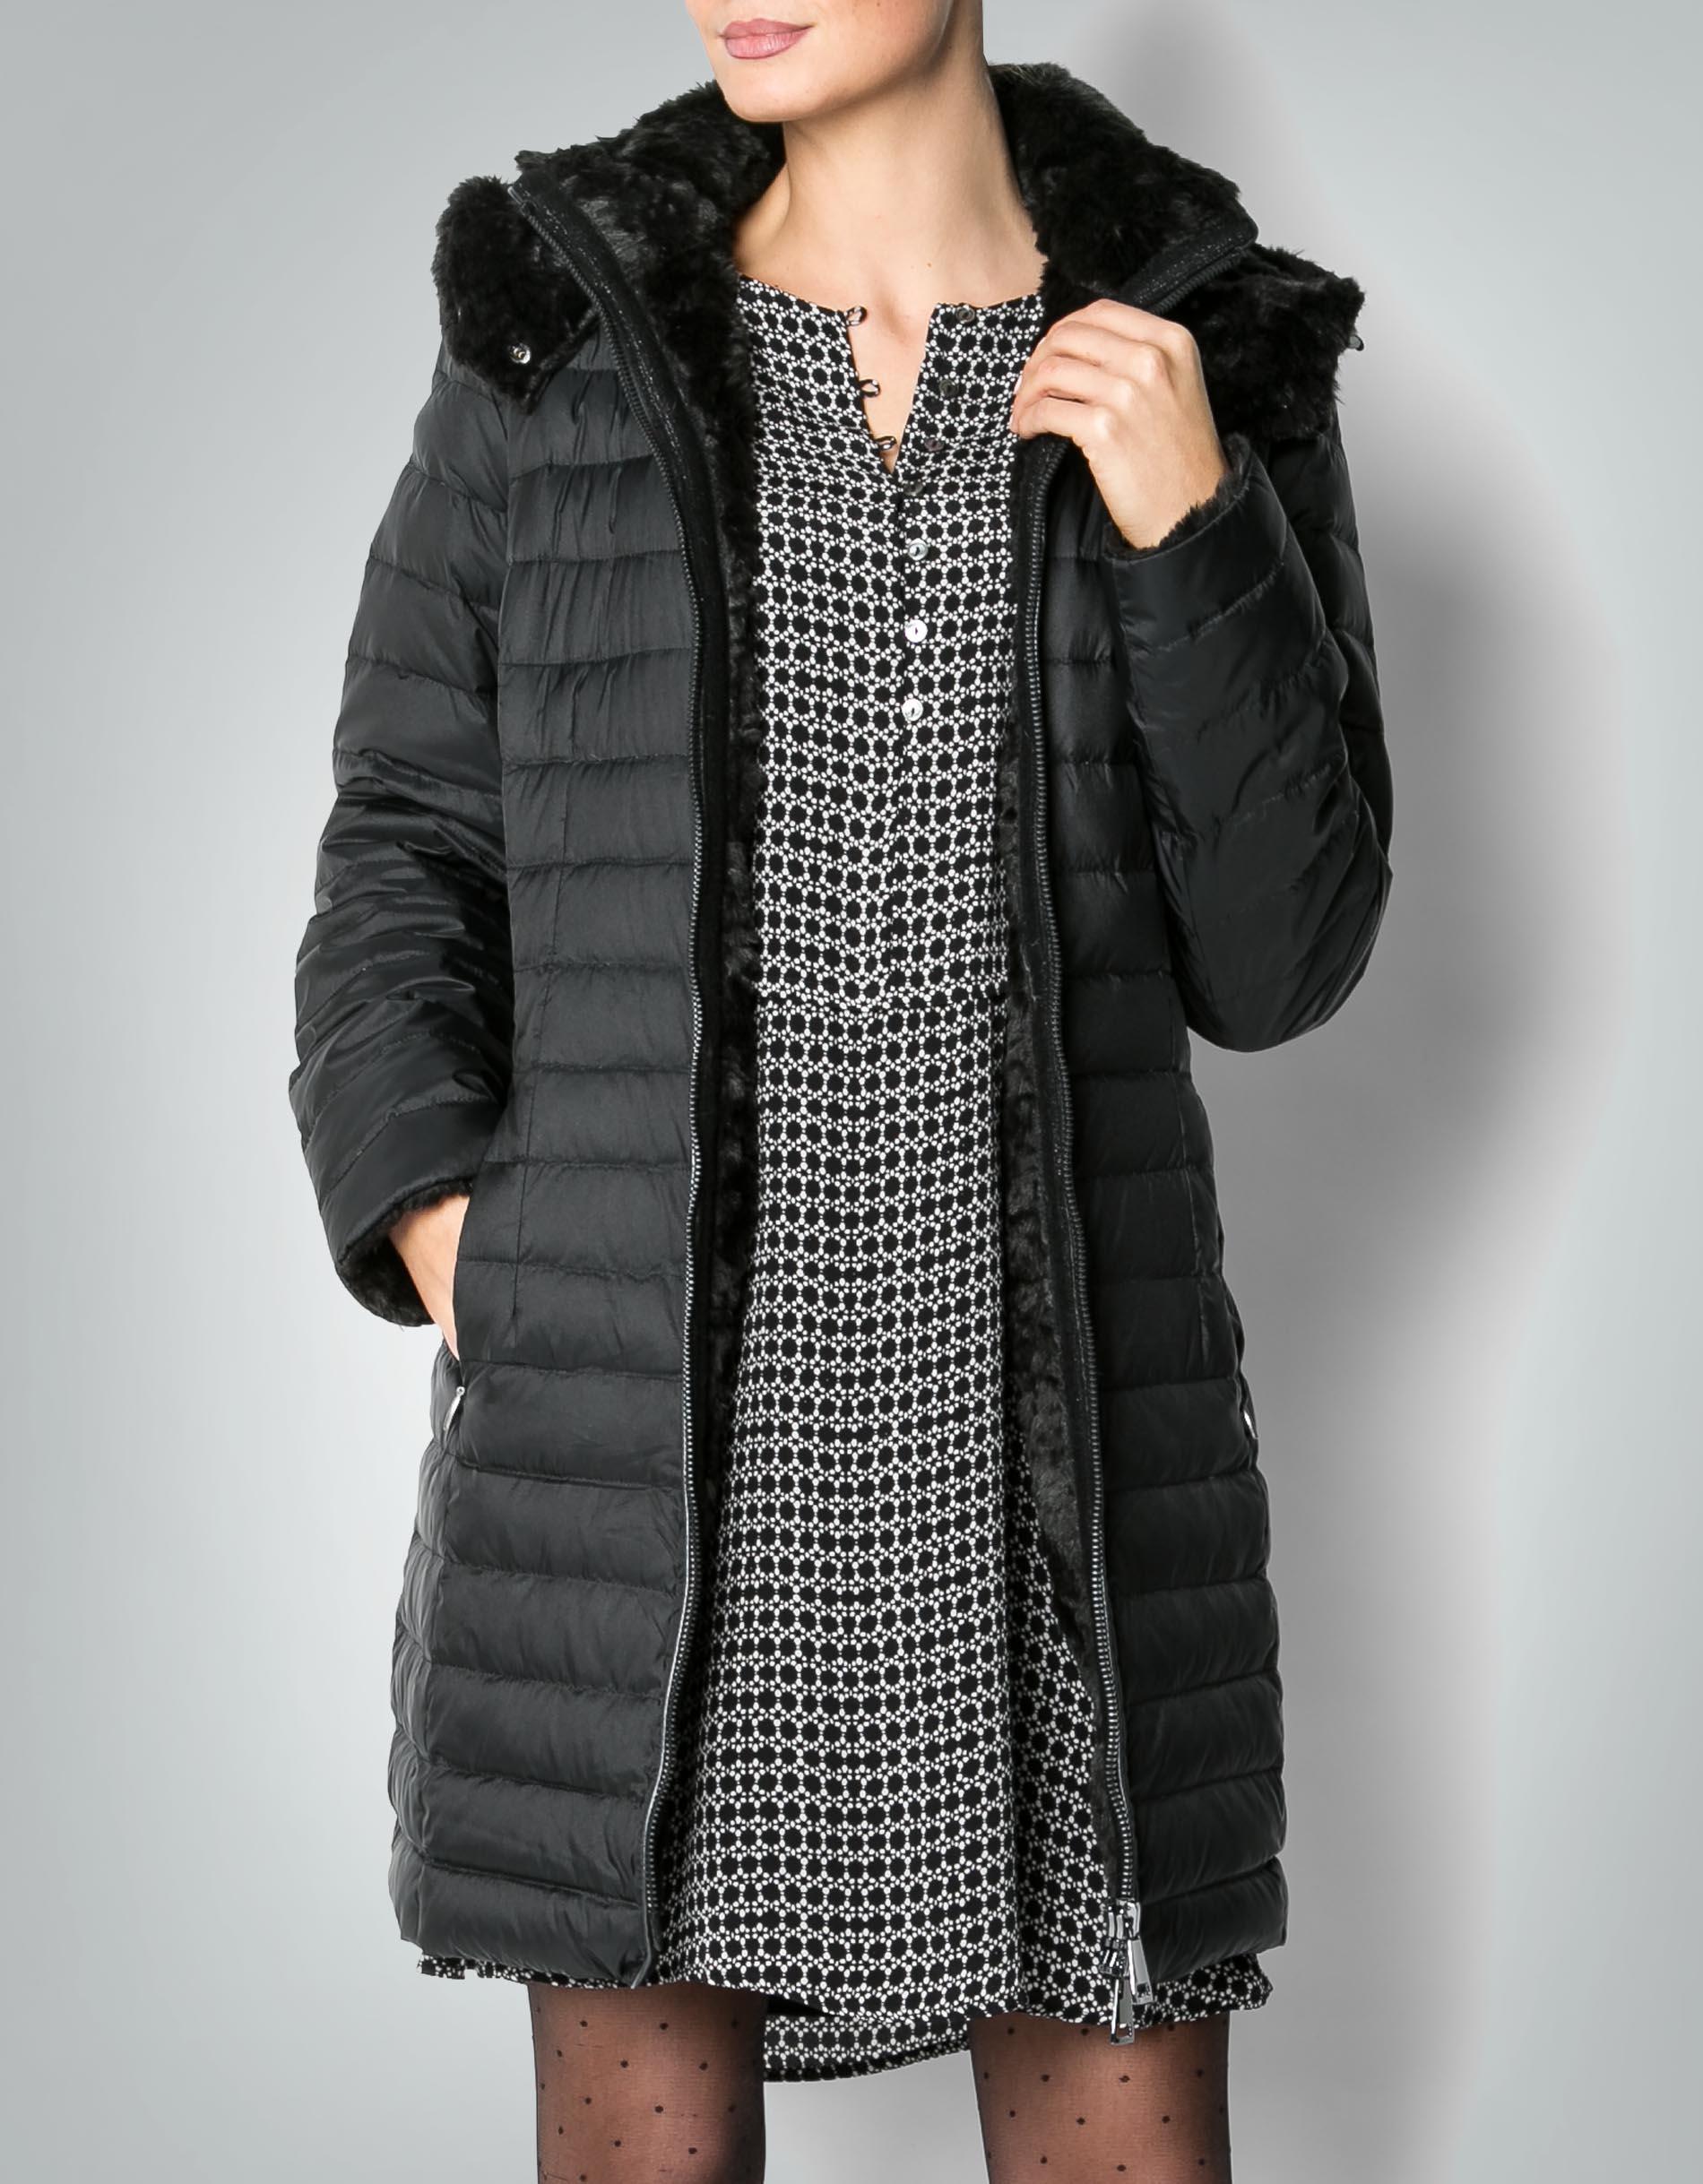 tolle Auswahl populärer Stil Entdecken Sie die neuesten Trends MILESTONE Damen Mantel Moira Daunen mit Kunstpelz empfohlen ...